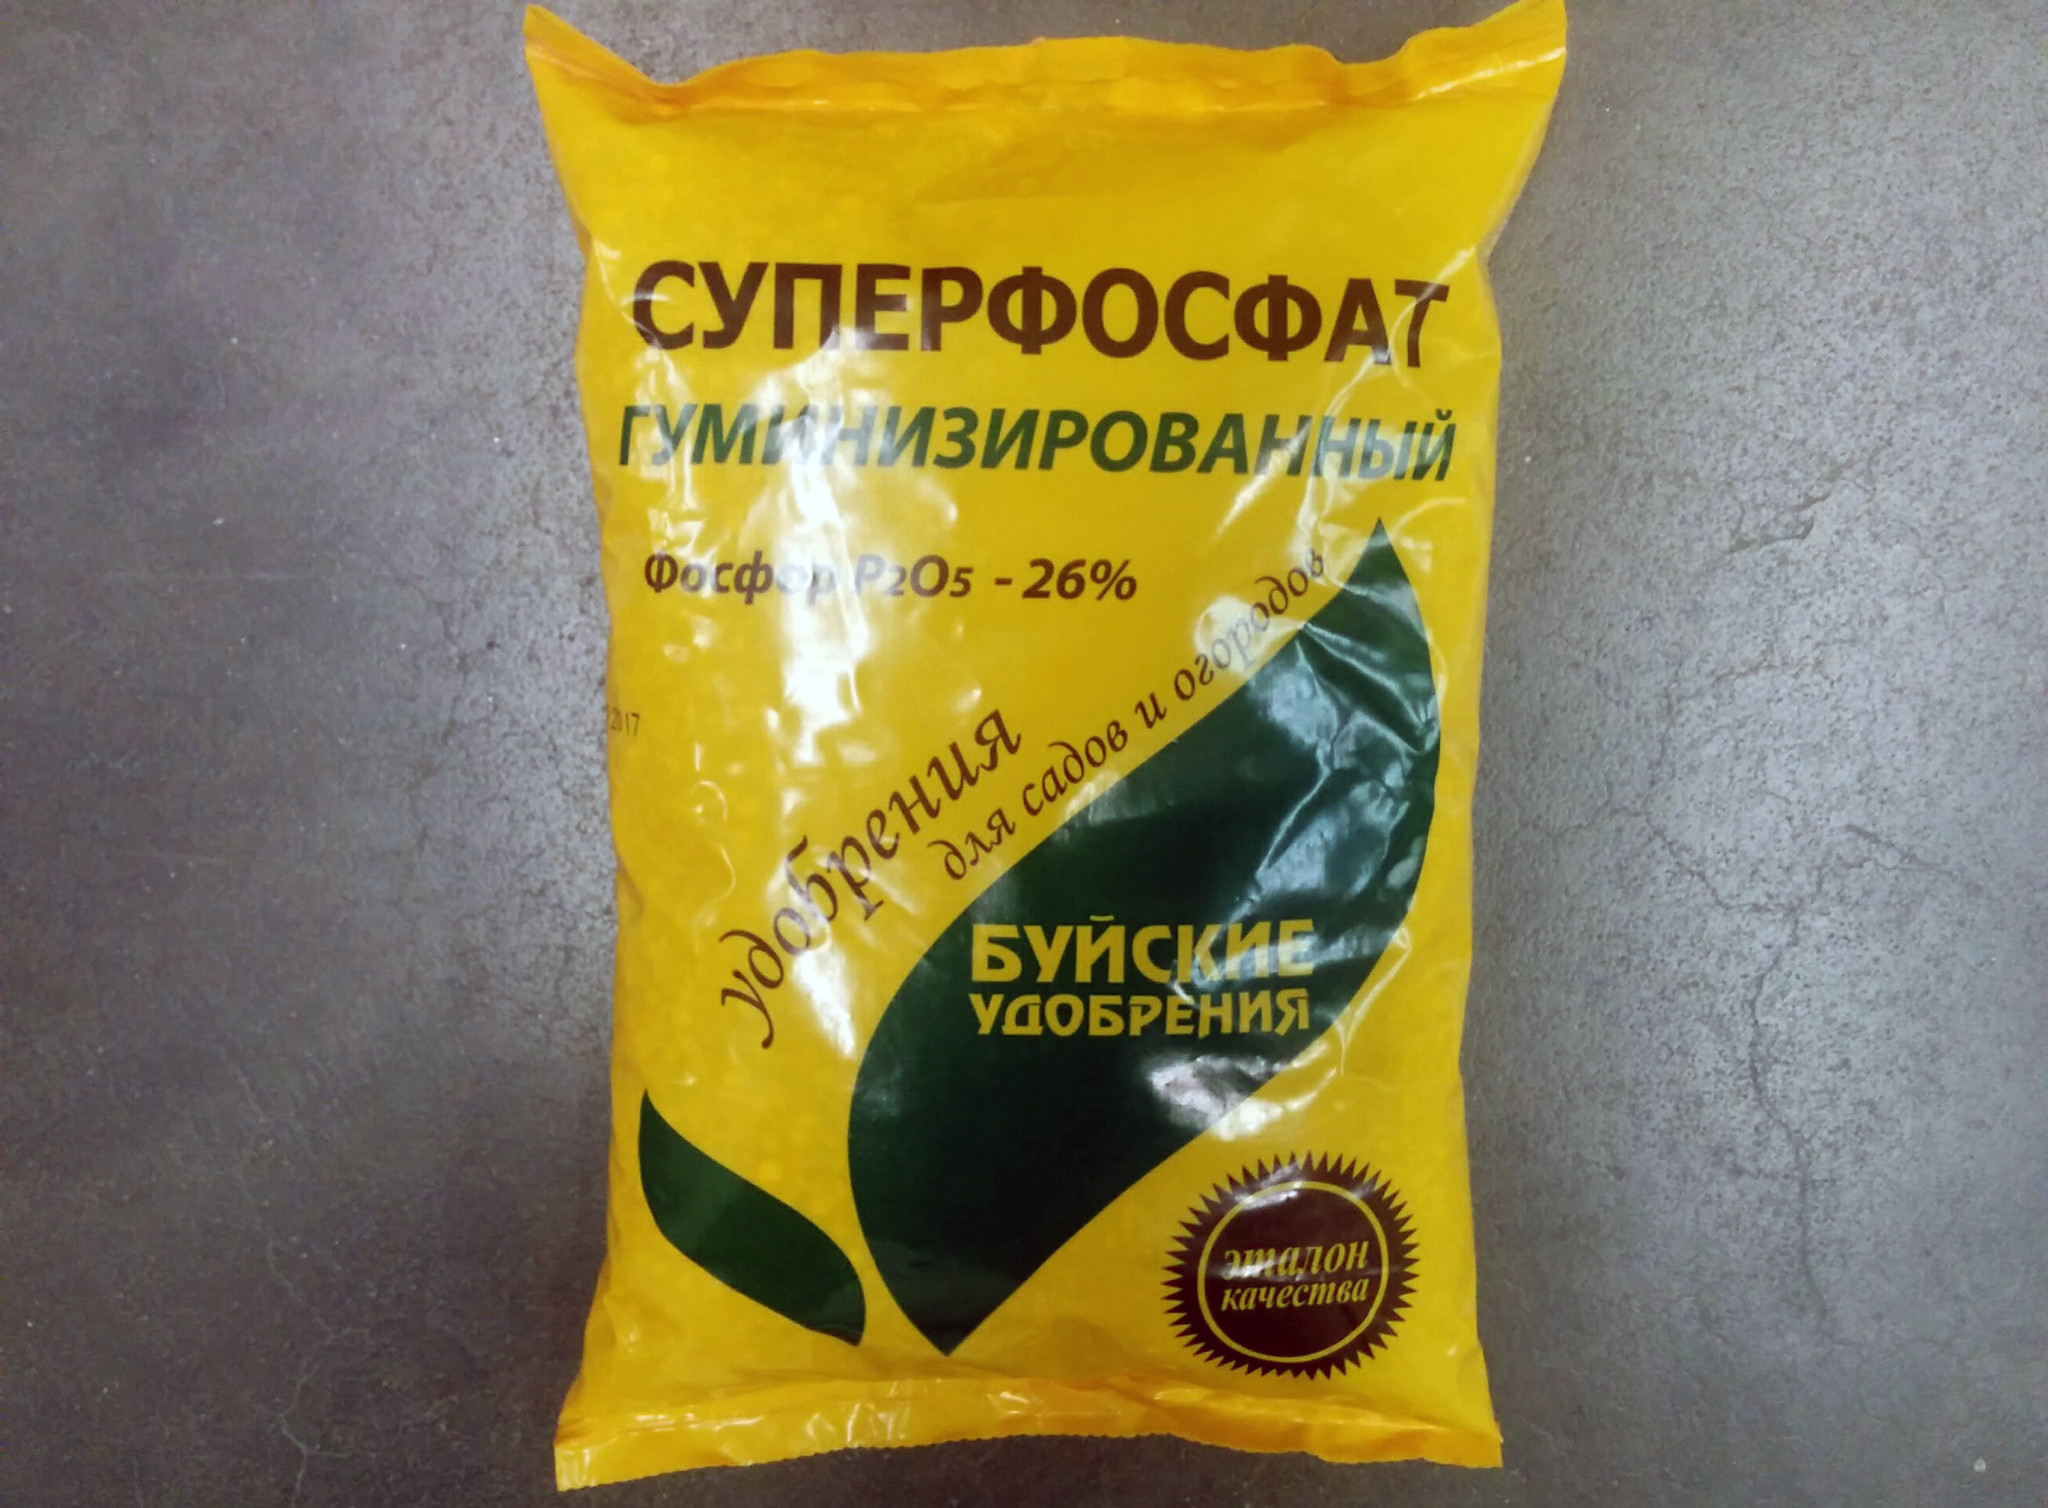 Минеральные удобрения - Суперфосфат